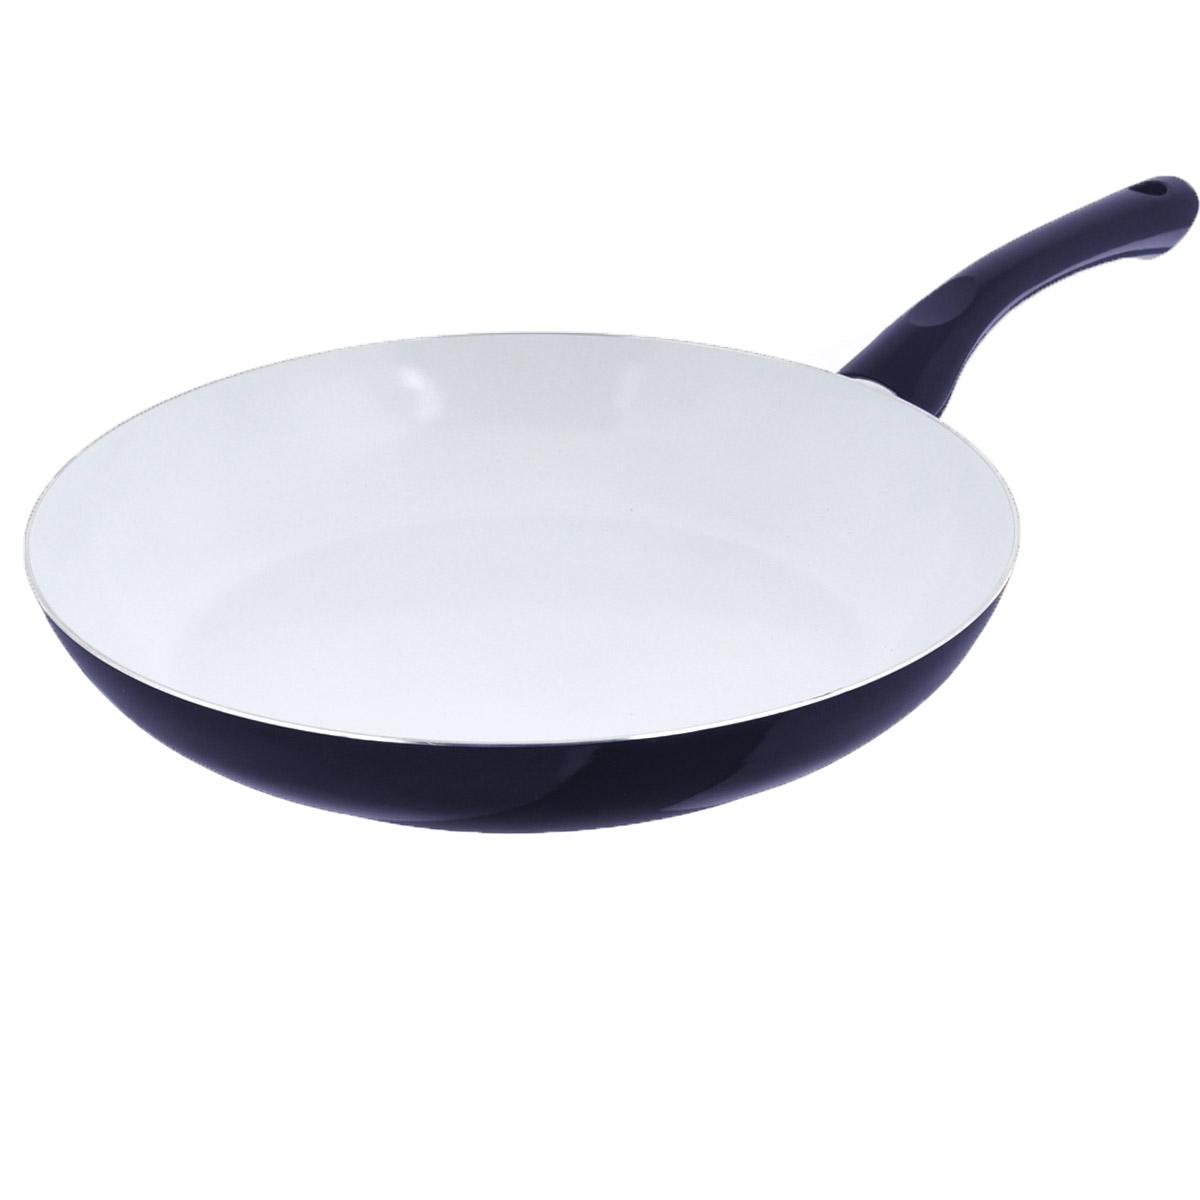 Сковорода Bekker, с антипригарным покрытием, цвет: темно-синий. Диаметр 30 см. BK-370554 009312Сковорода Bekker изготовлена из алюминия с внутренним антипригарным керамическим покрытием. Благодаря этому пища не пригорает и не прилипает к стенкам. Готовить можно с минимальным количеством масла и жиров. Гладкая поверхность обеспечивает легкость ухода за посудой. Внешнее покрытие - цветной жаростойкий лак. Изделие оснащено удобной бакелитовой ручкой, которая не нагревается в процессе готовки.Сковорода подходит для использования на всех типах кухонных плит, кроме индукционных, а также ее можно мыть в посудомоечной машине.